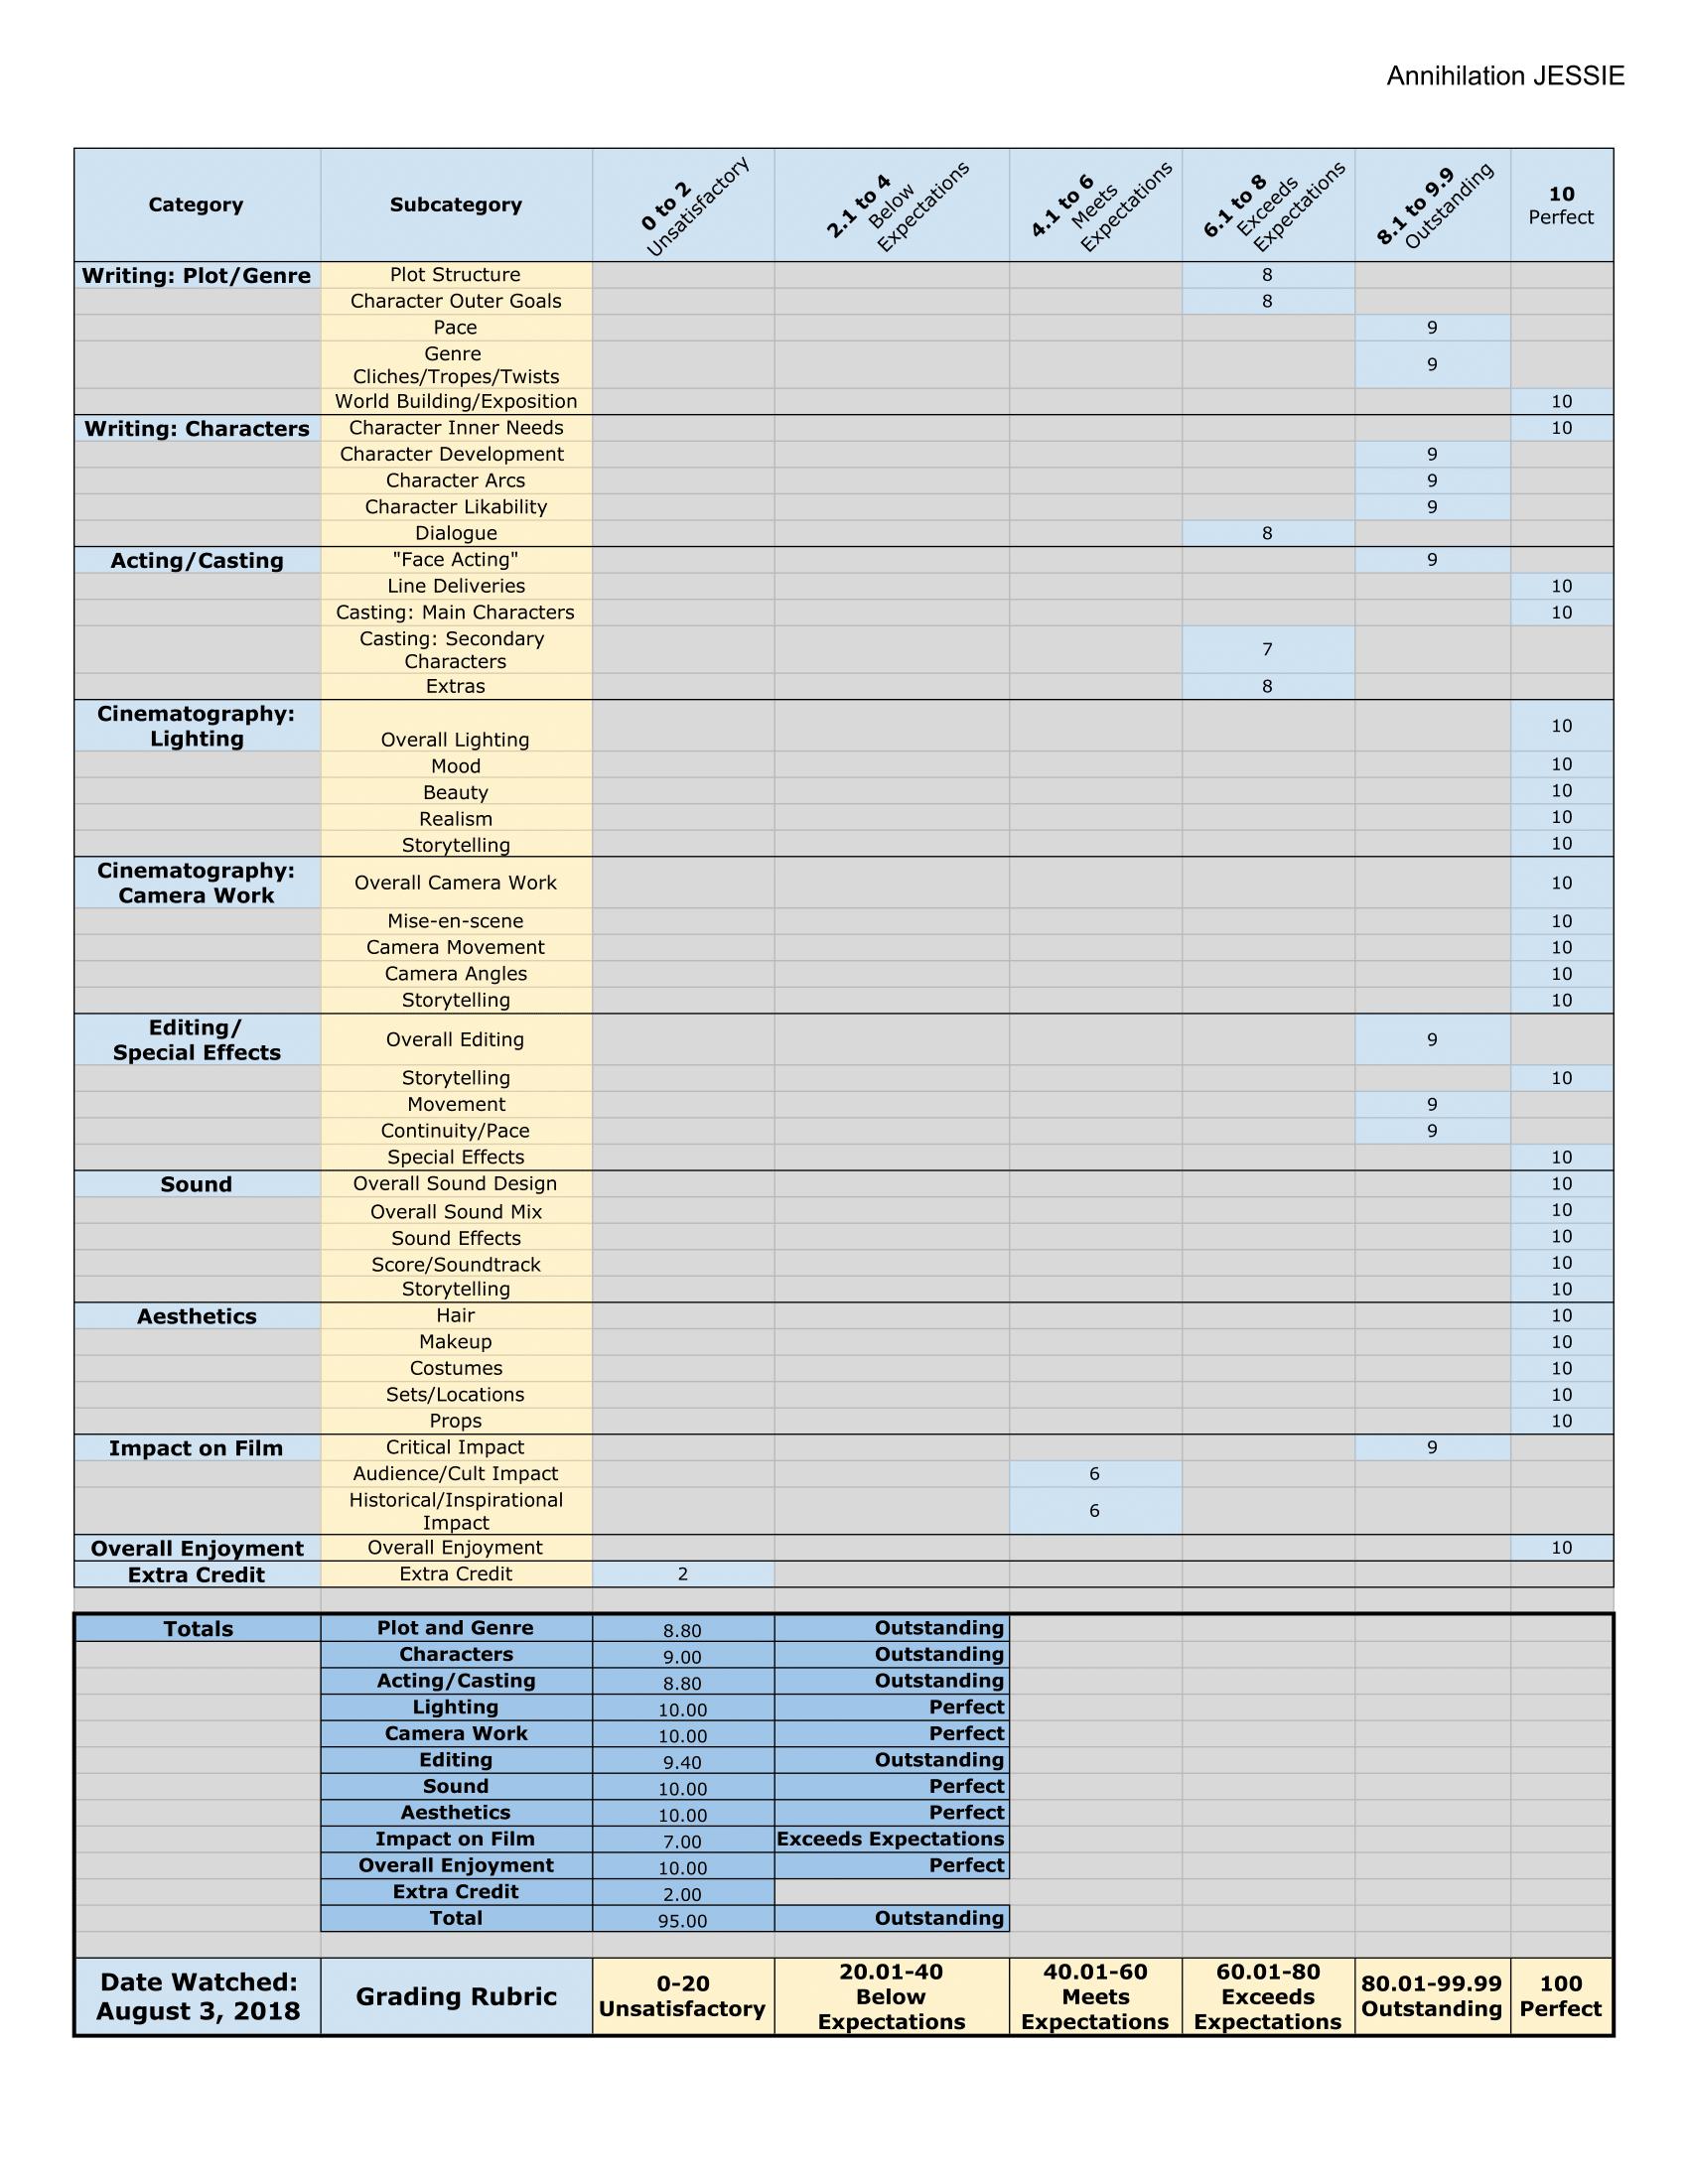 The Grid 2018 - Annihilation JESSIE-1.png